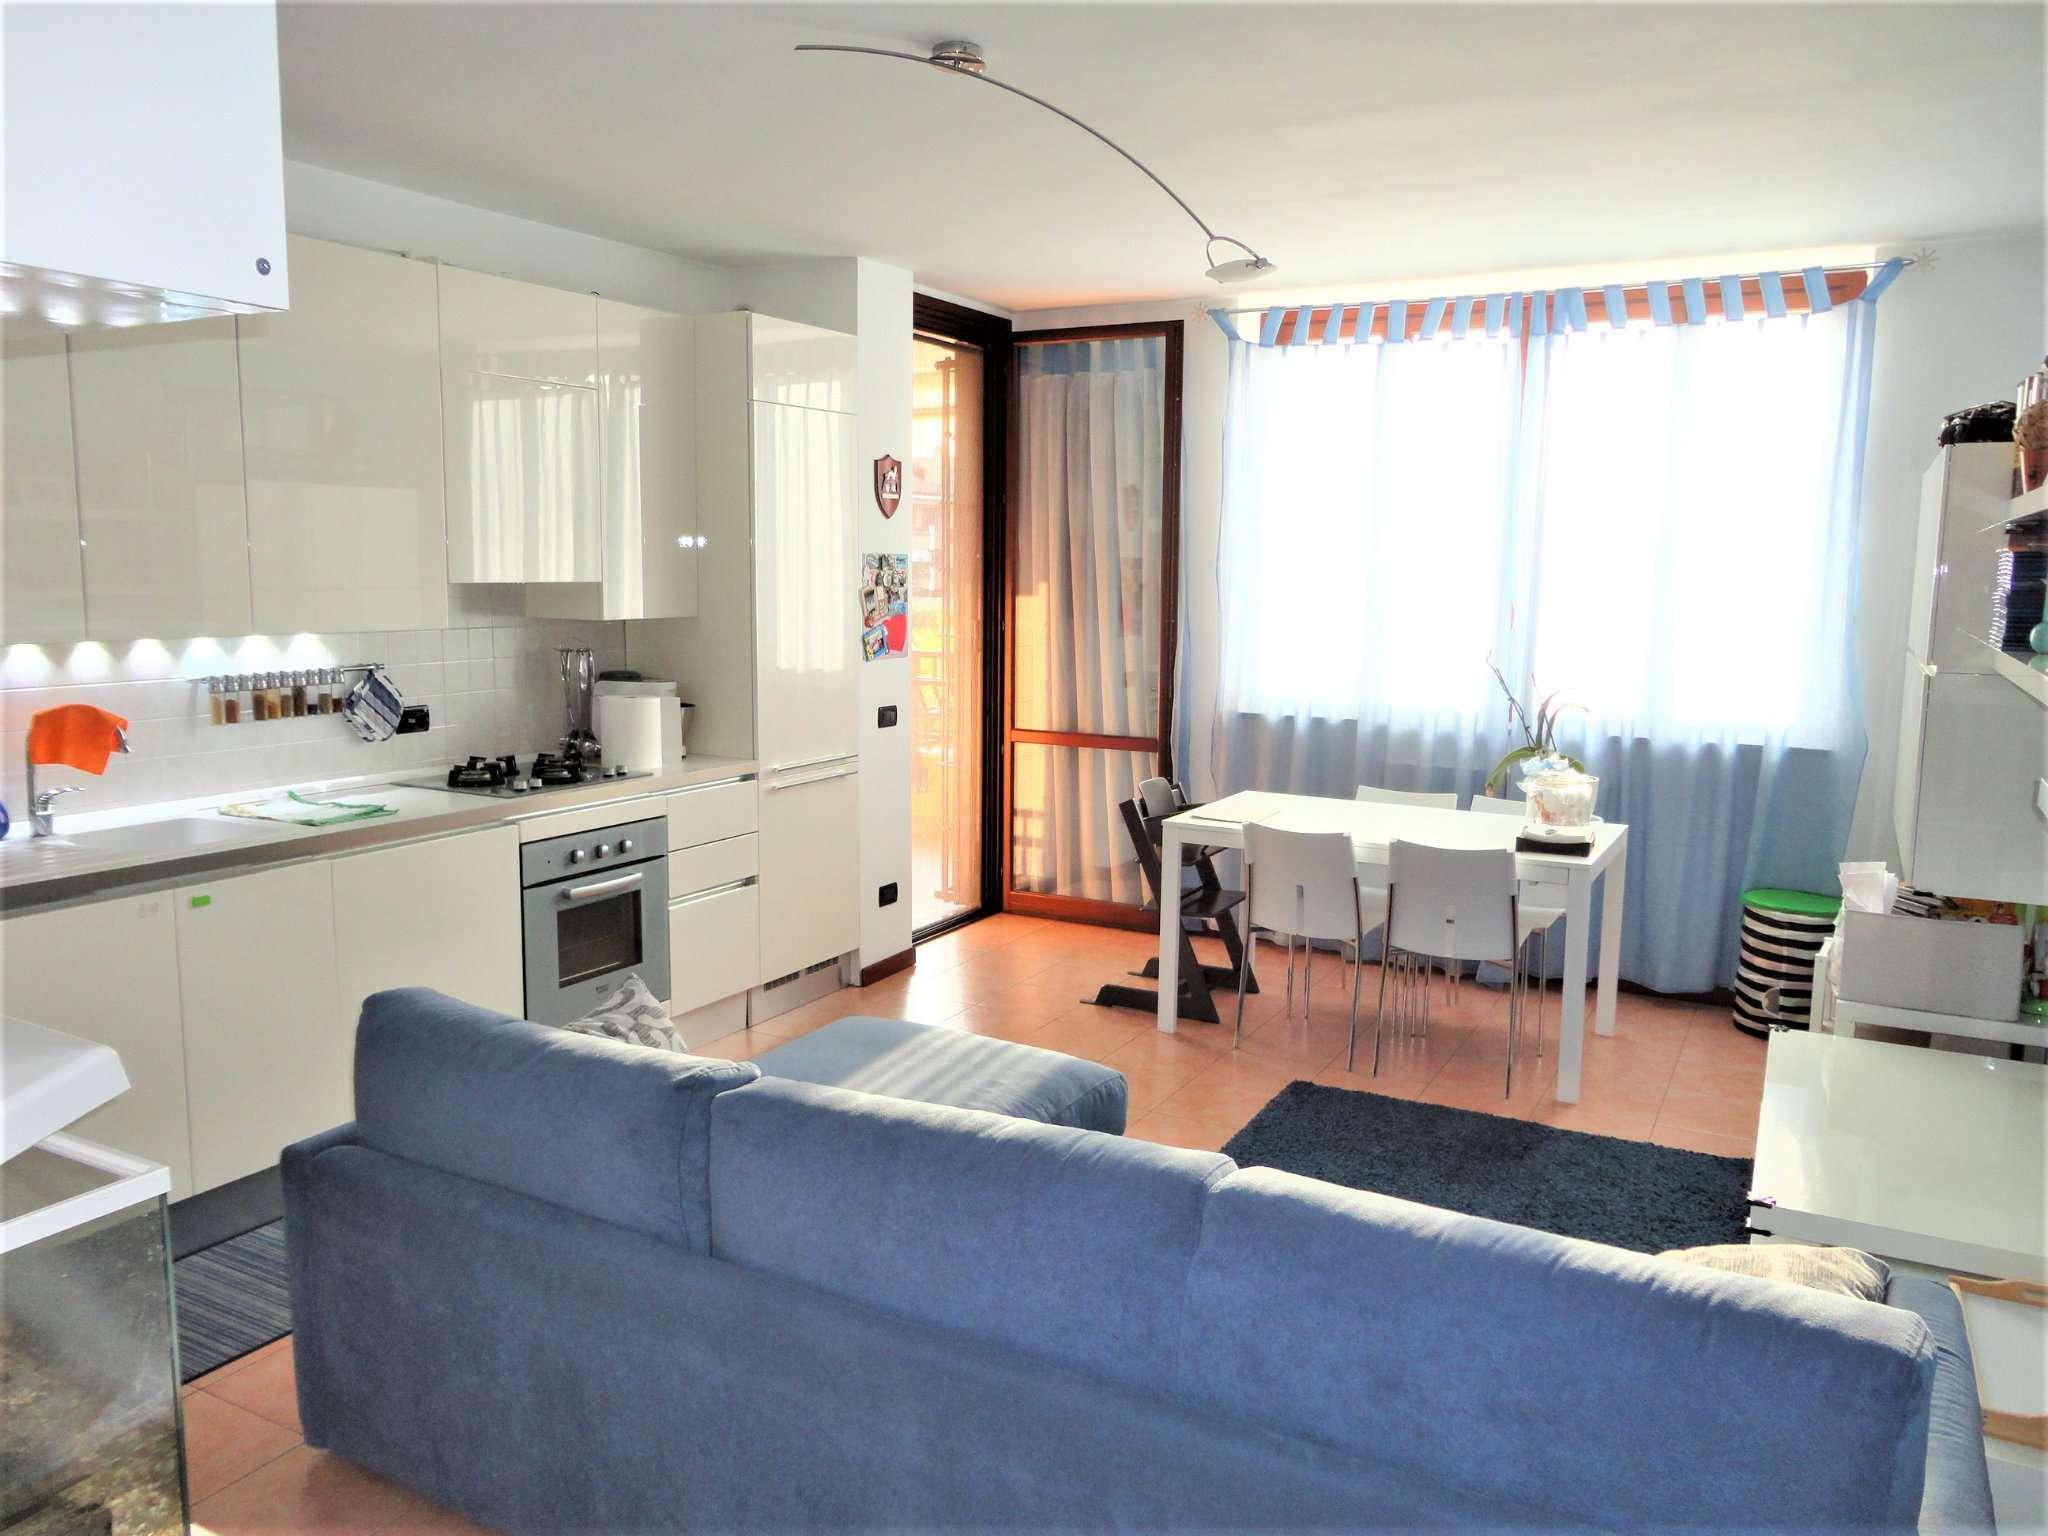 Appartamento in vendita a Peschiera Borromeo, 2 locali, prezzo € 155.000 | CambioCasa.it